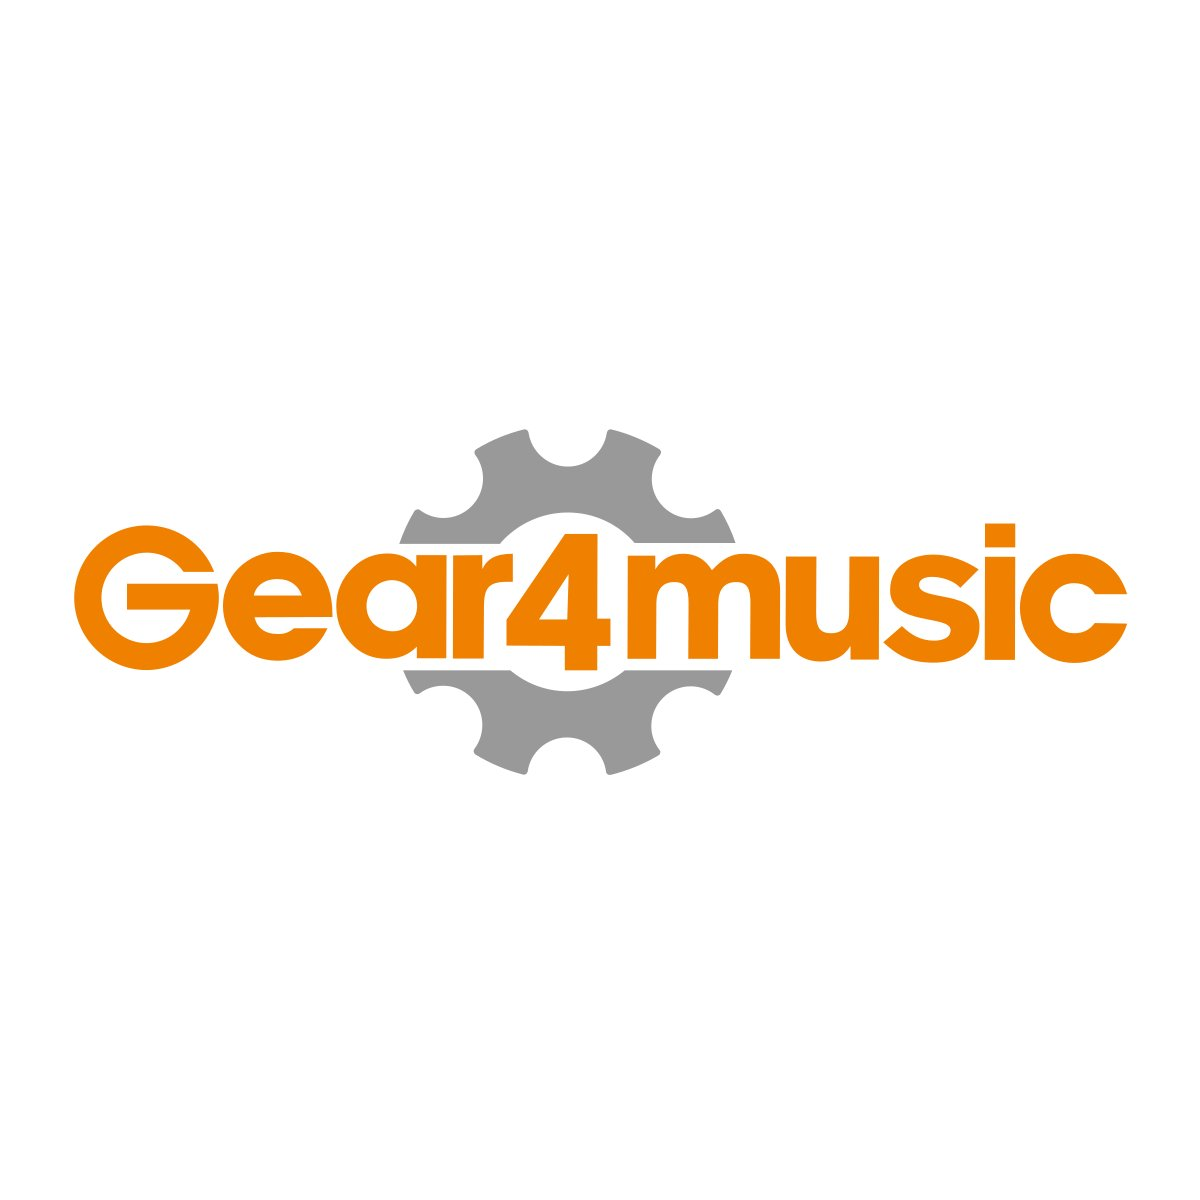 Chitarra acustica per studenti di Gear4music, nero